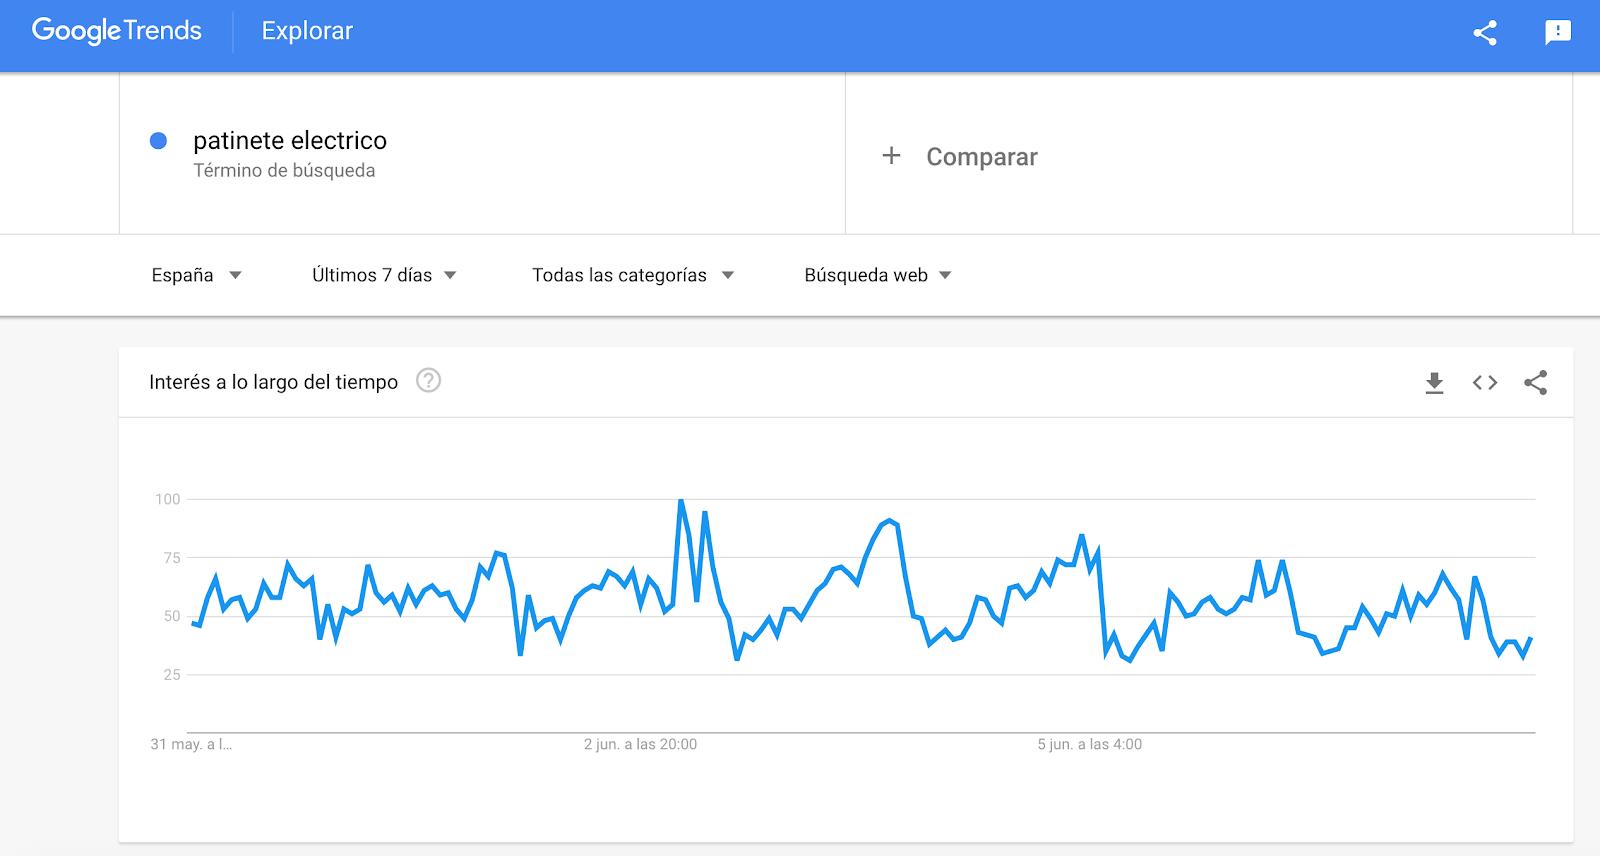 Gráfico de tendencia de Google trends